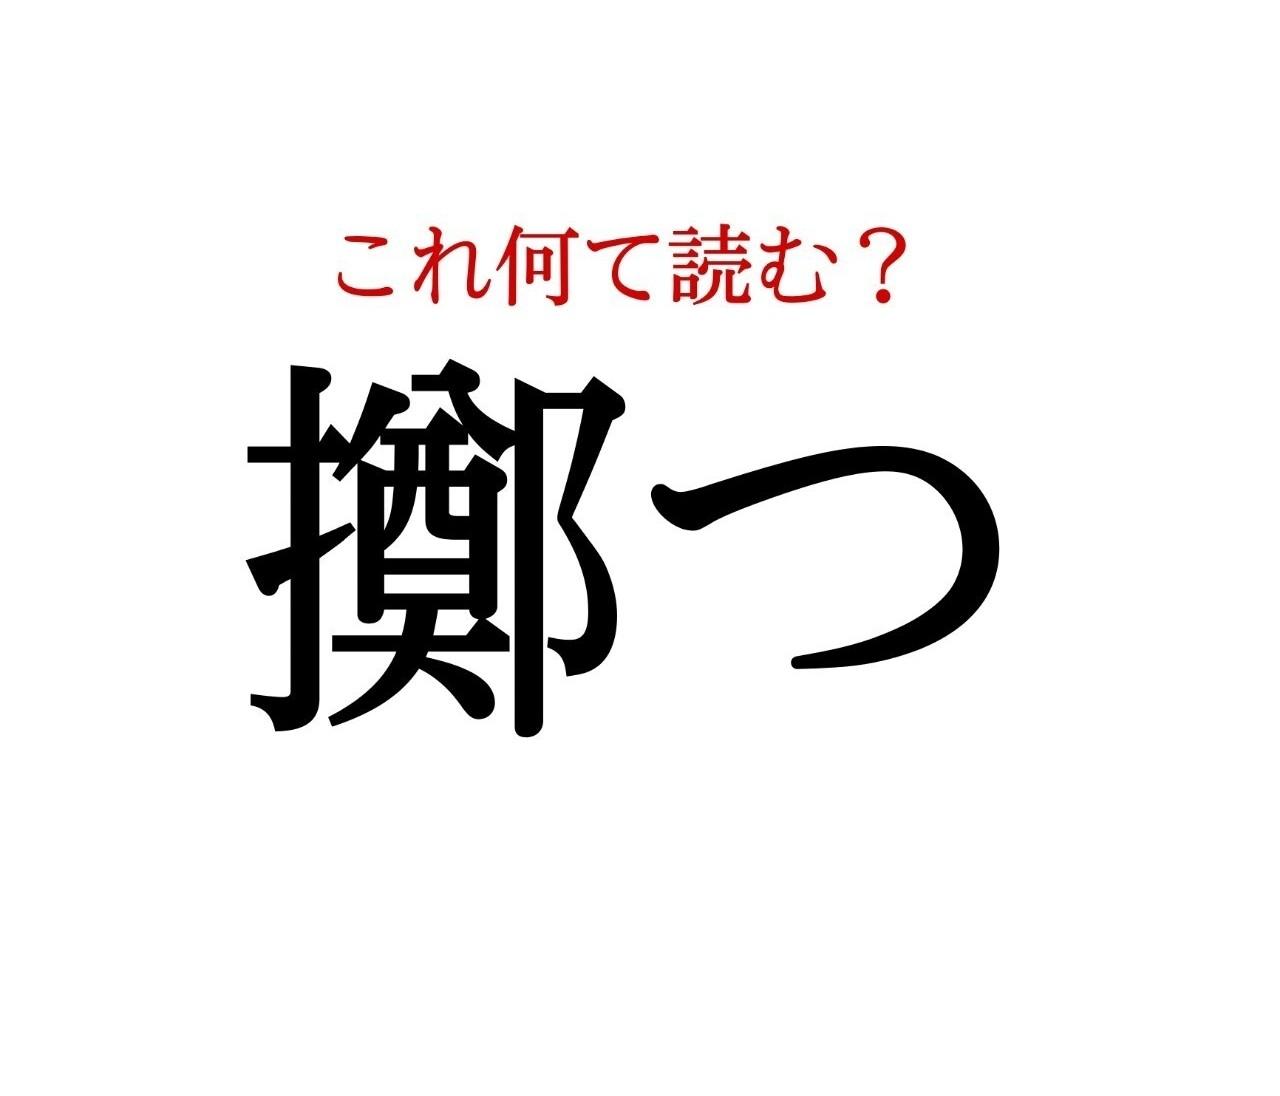 「擲つ」:この漢字、自信を持って読めますか?【働く大人の漢字クイズvol.288】